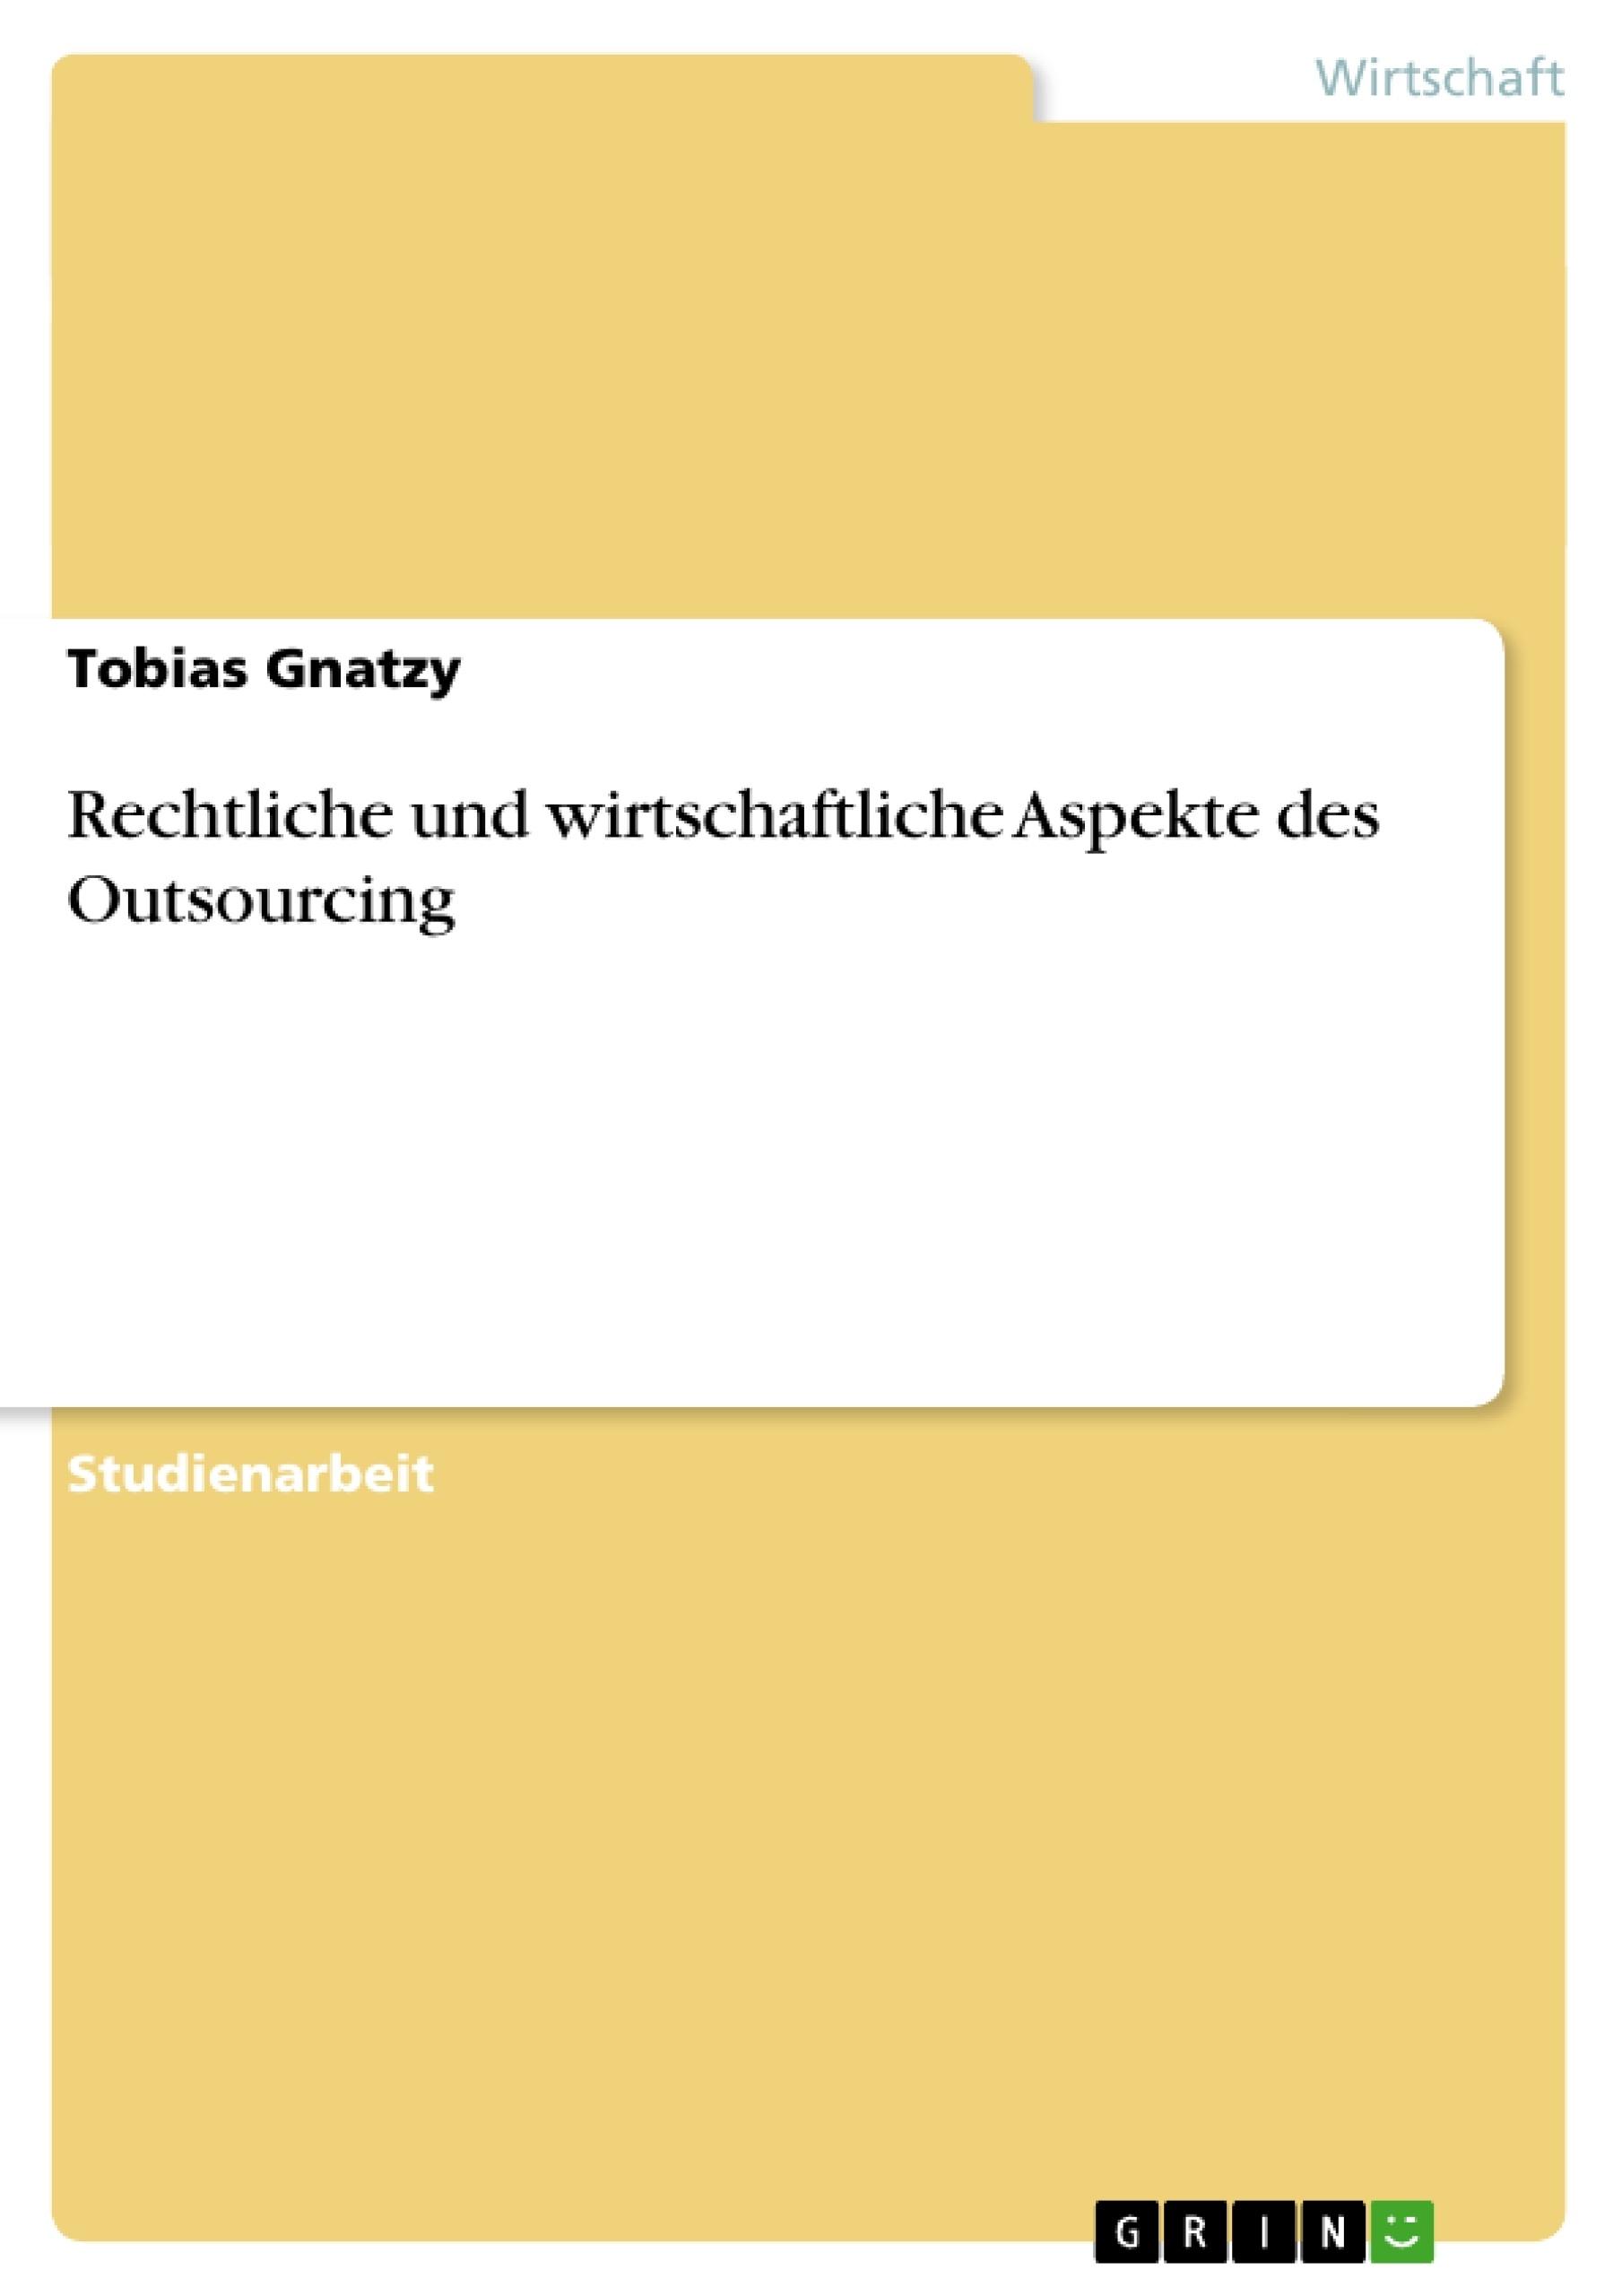 Titel: Rechtliche und wirtschaftliche Aspekte des Outsourcing